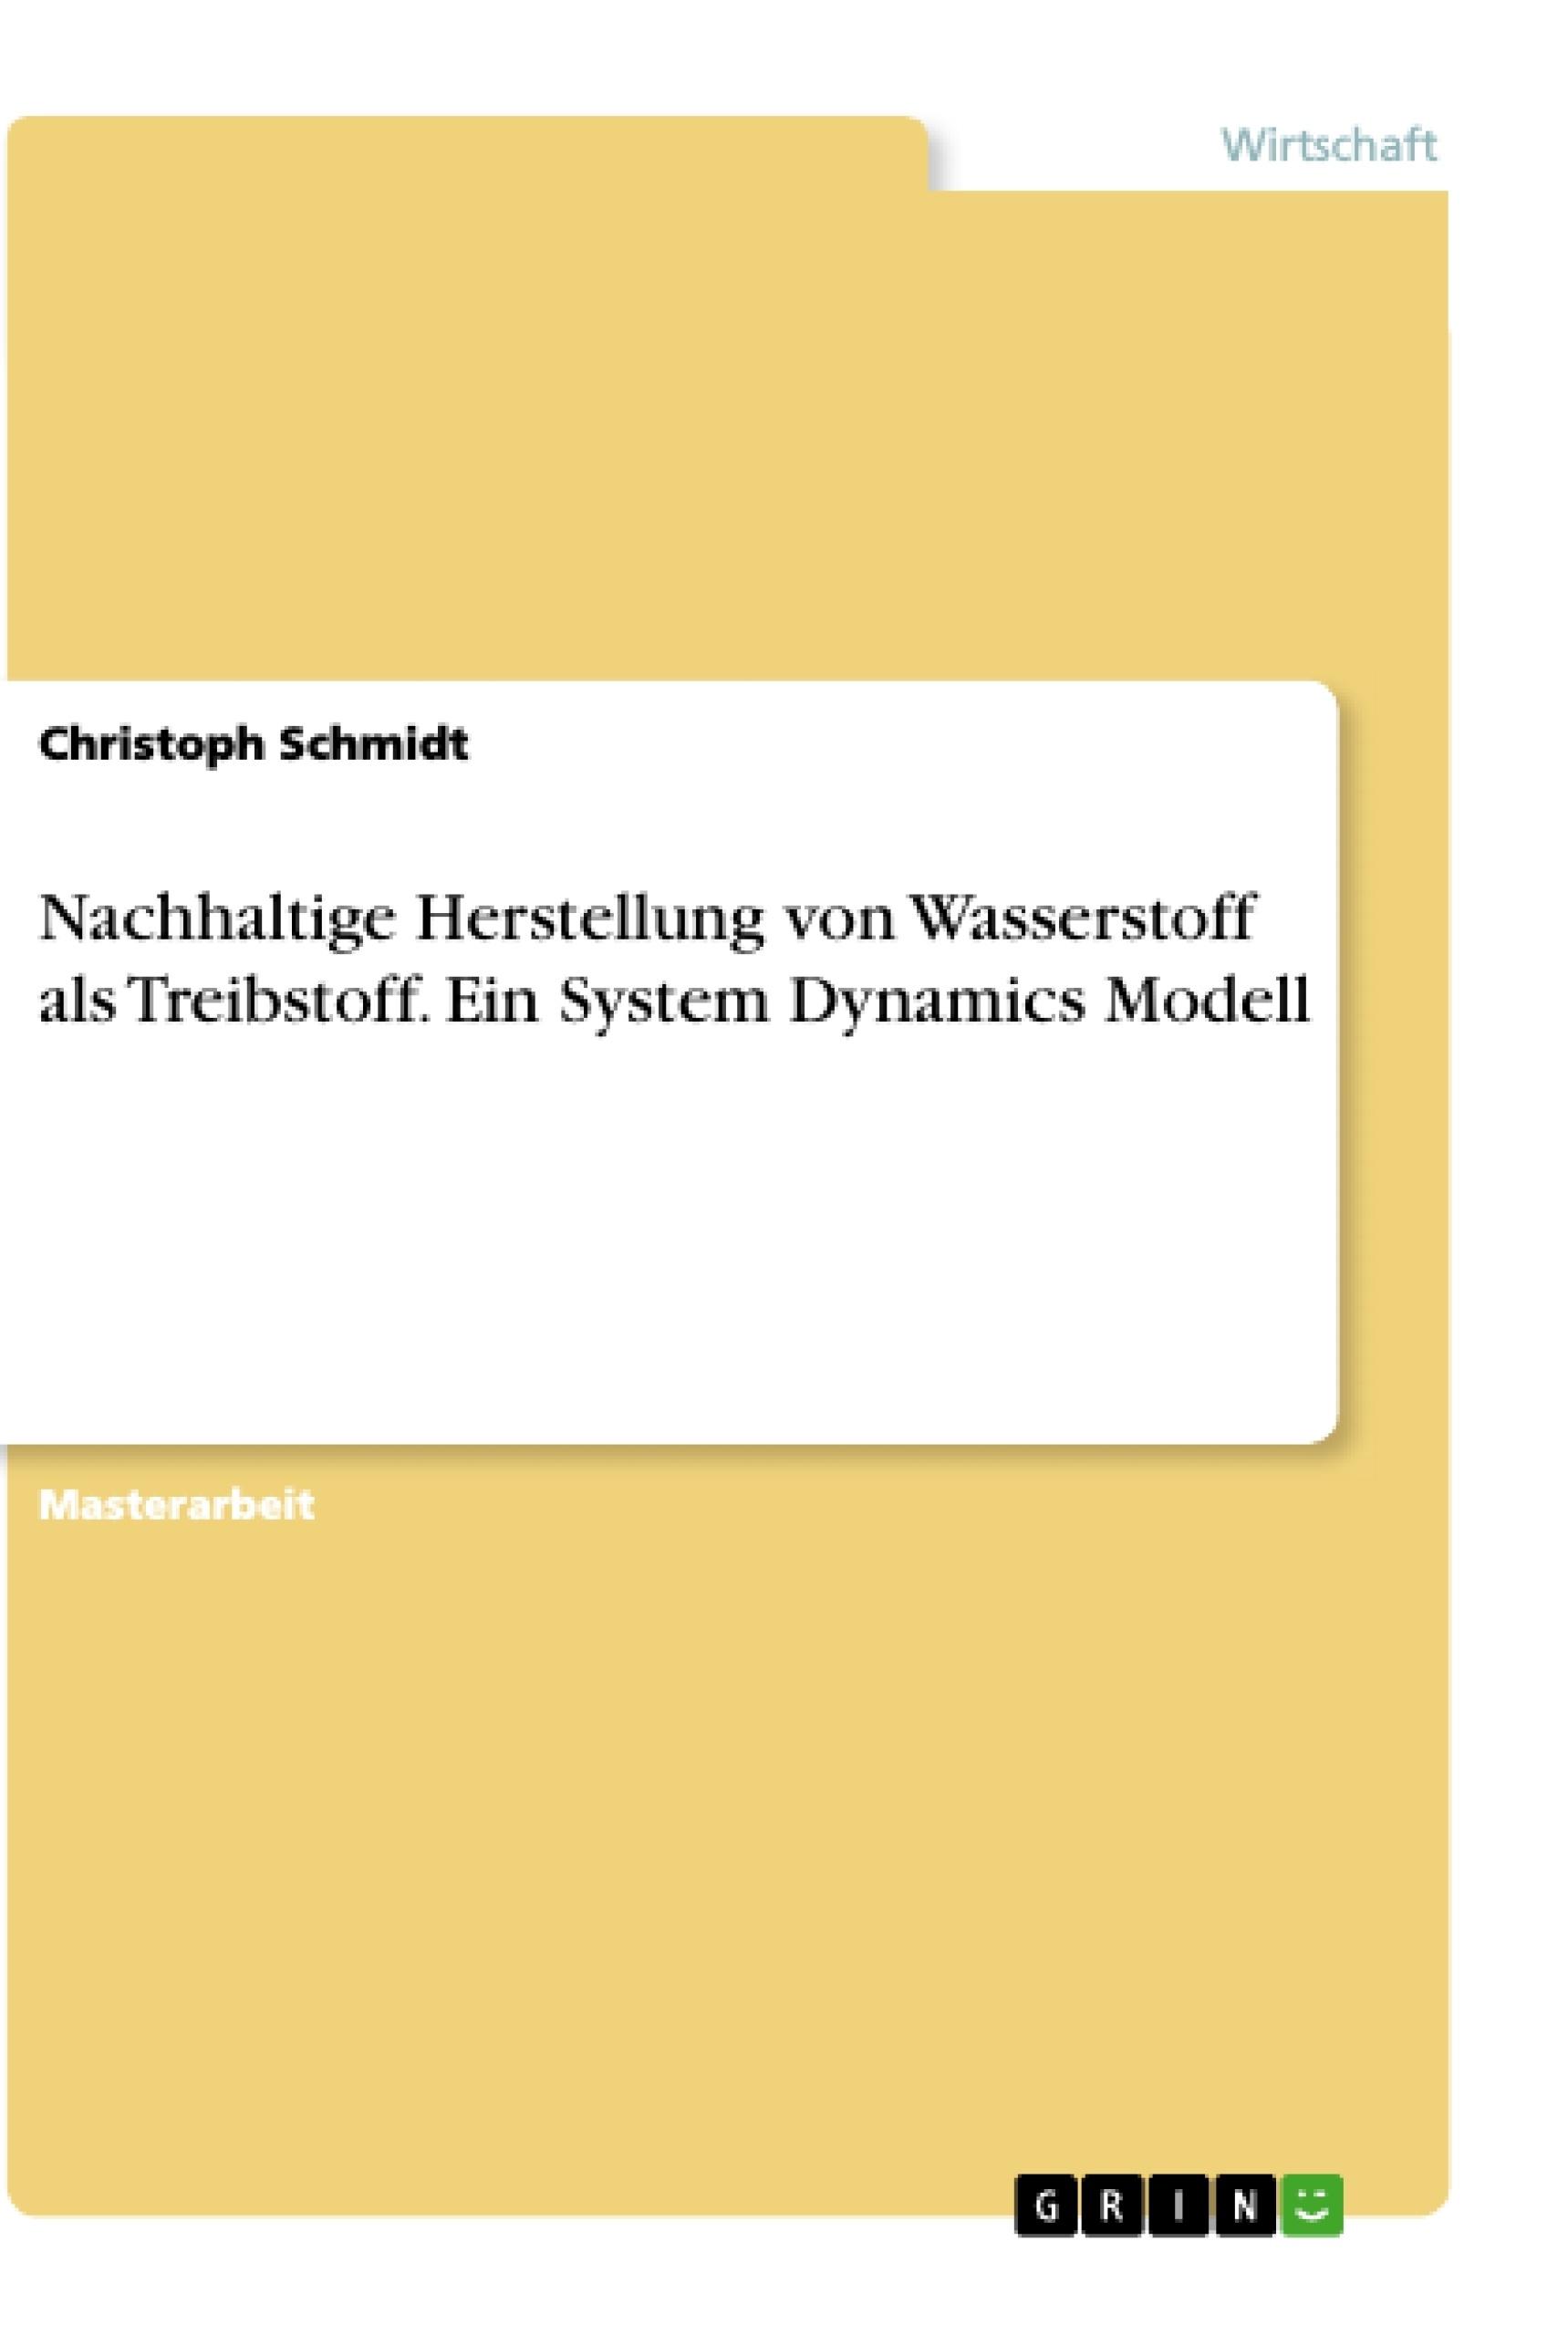 Titel: Nachhaltige Herstellung von Wasserstoff als Treibstoff. Ein System Dynamics Modell